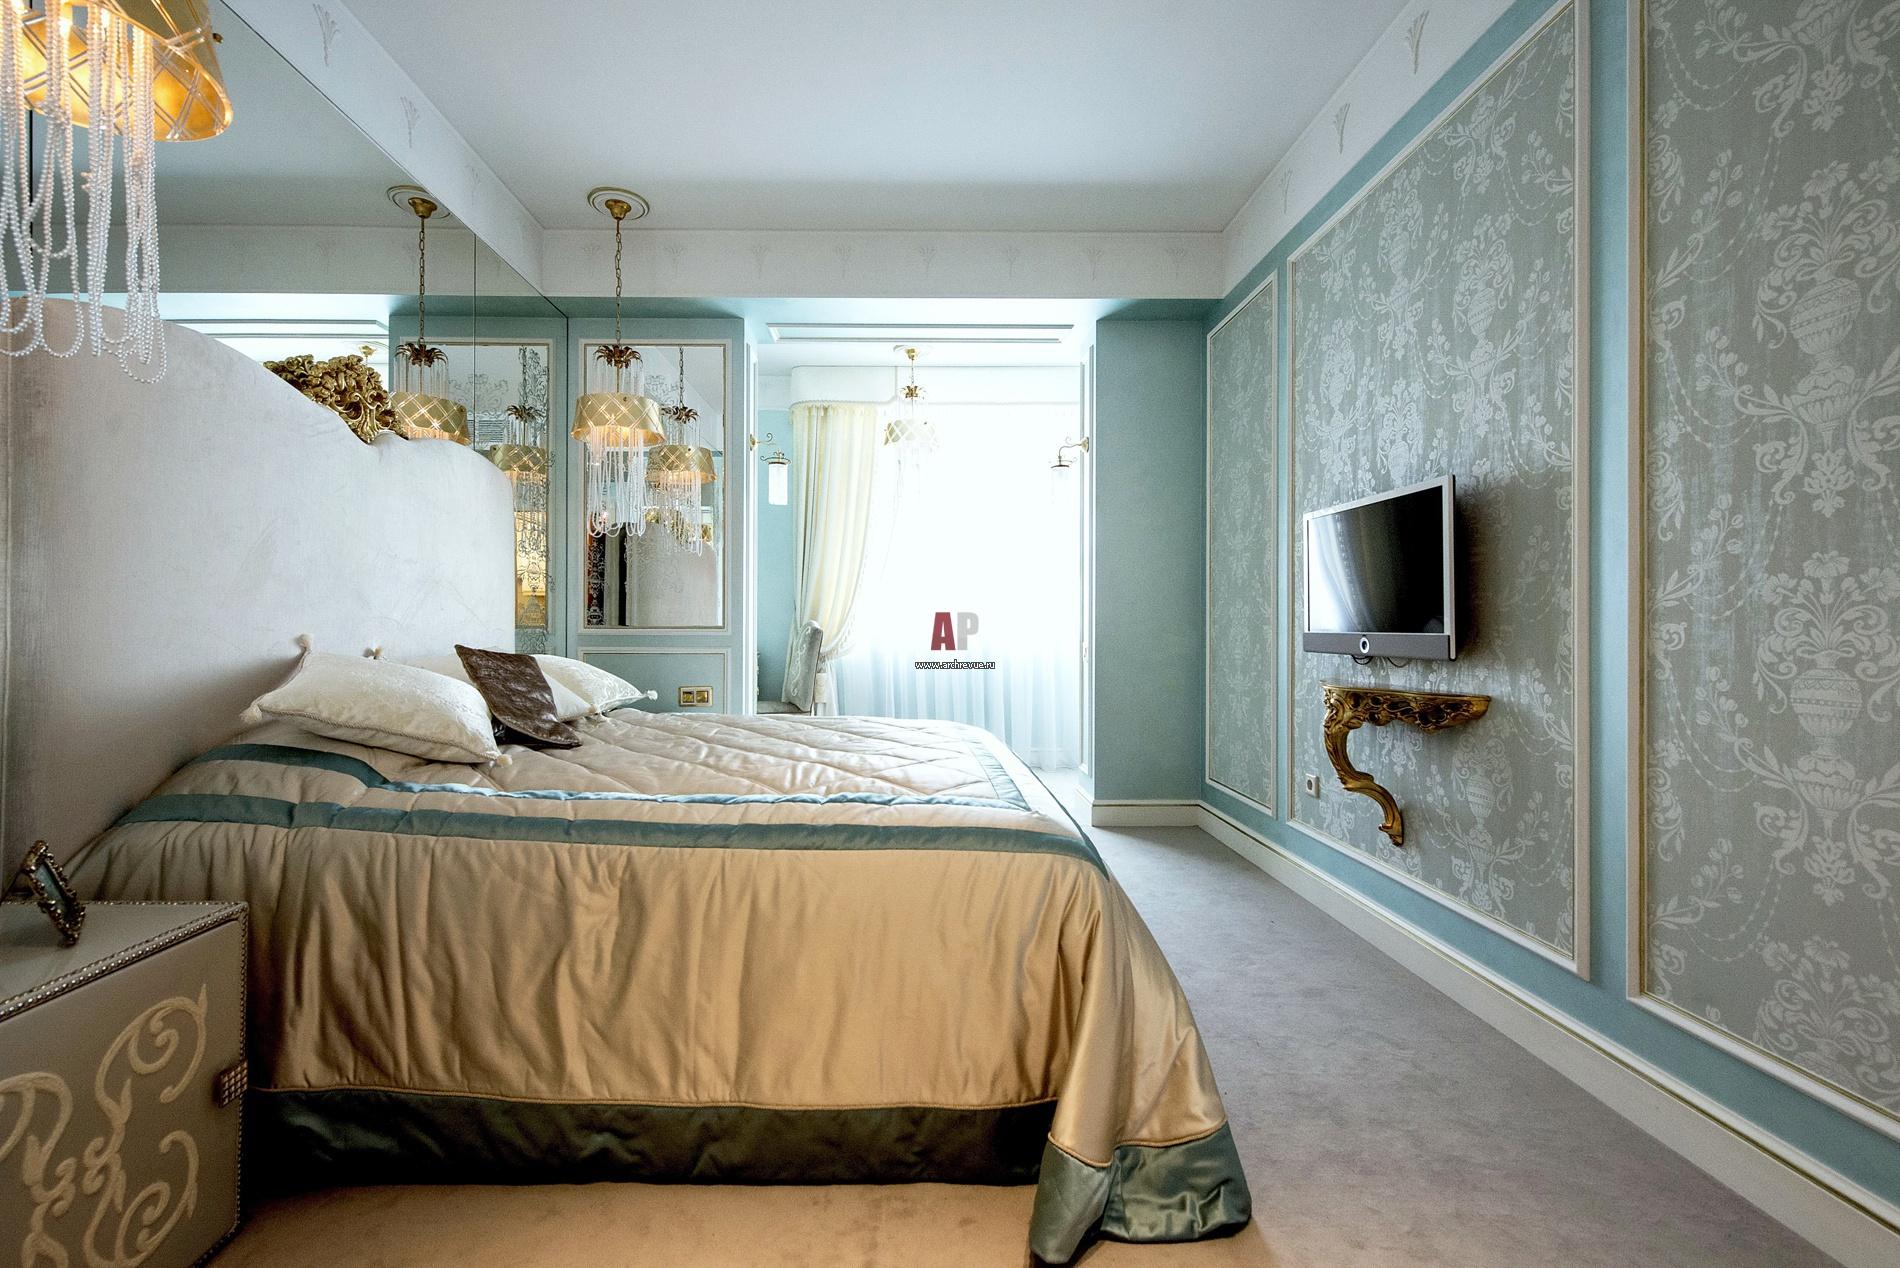 Декор и дизайн помещения